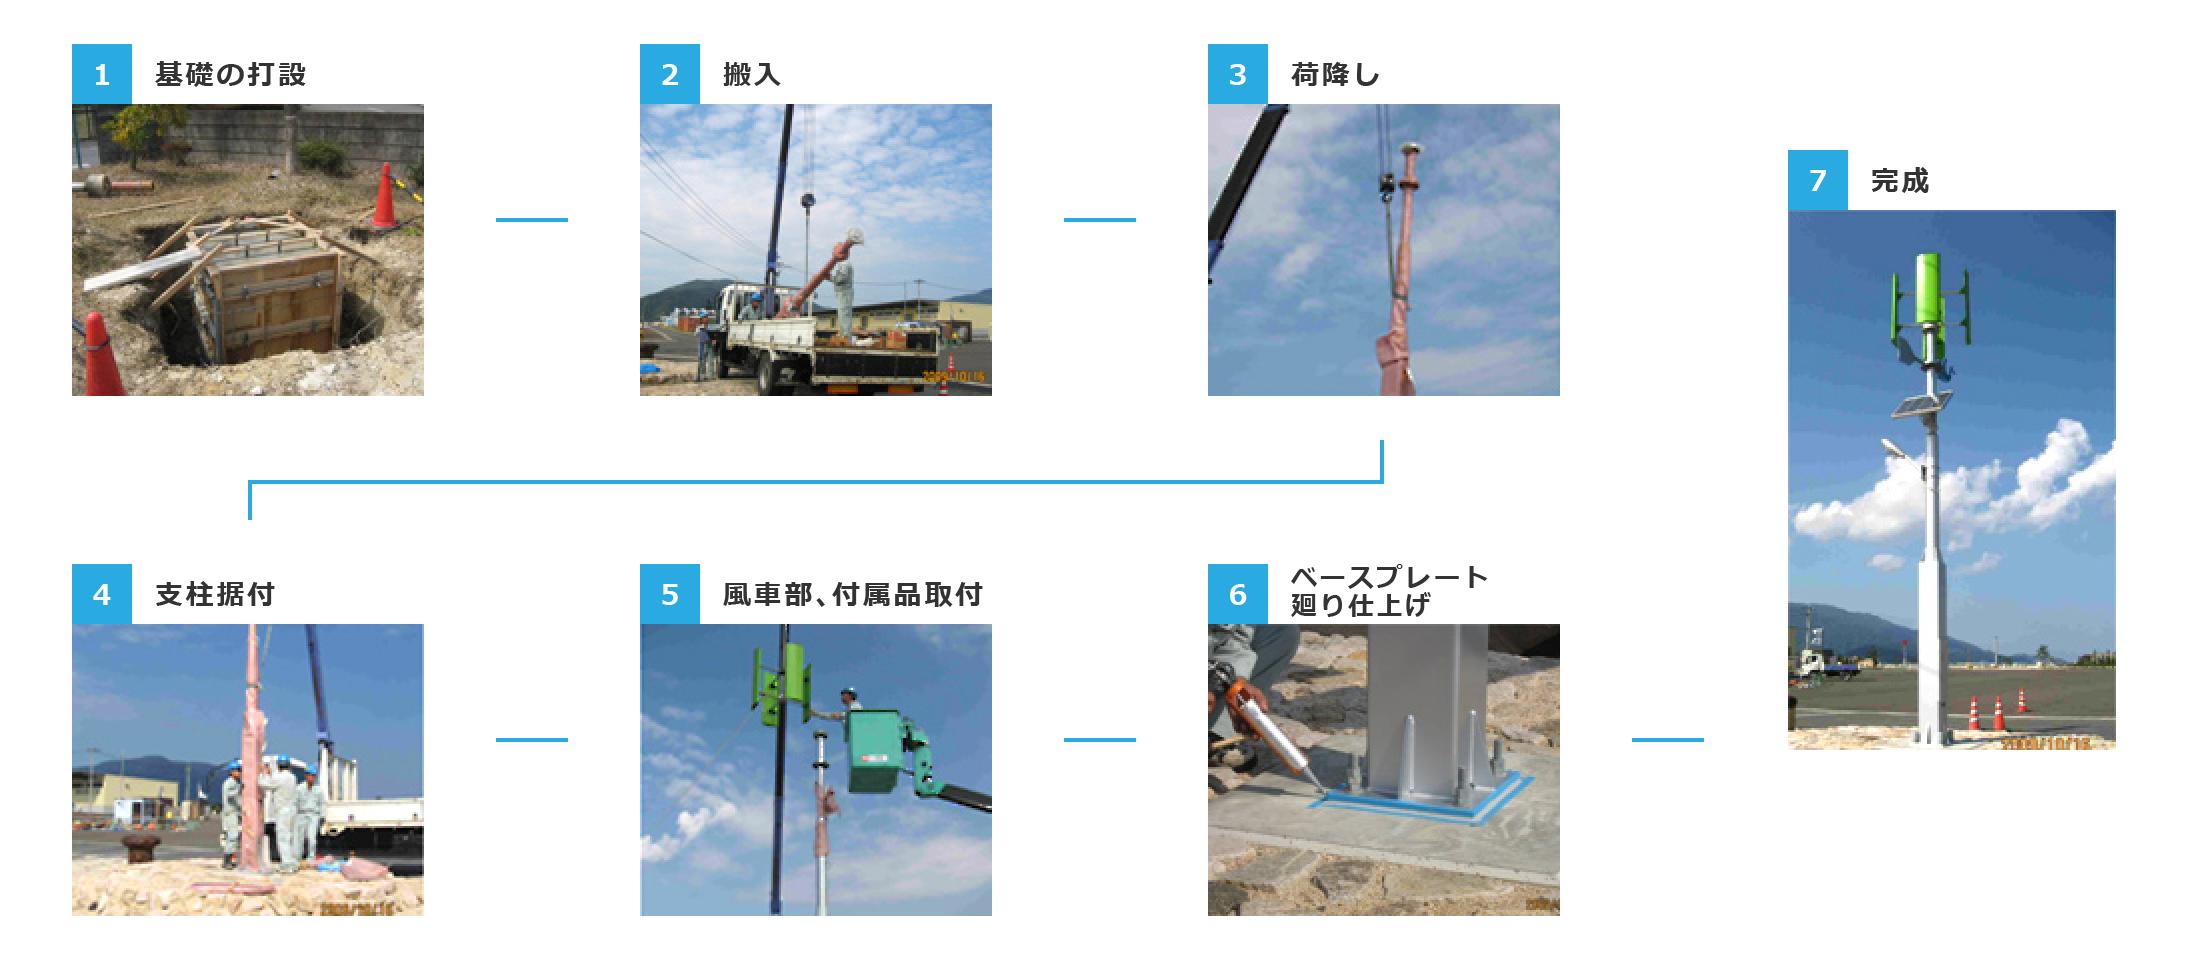 小型風力発電機の導入の流れ